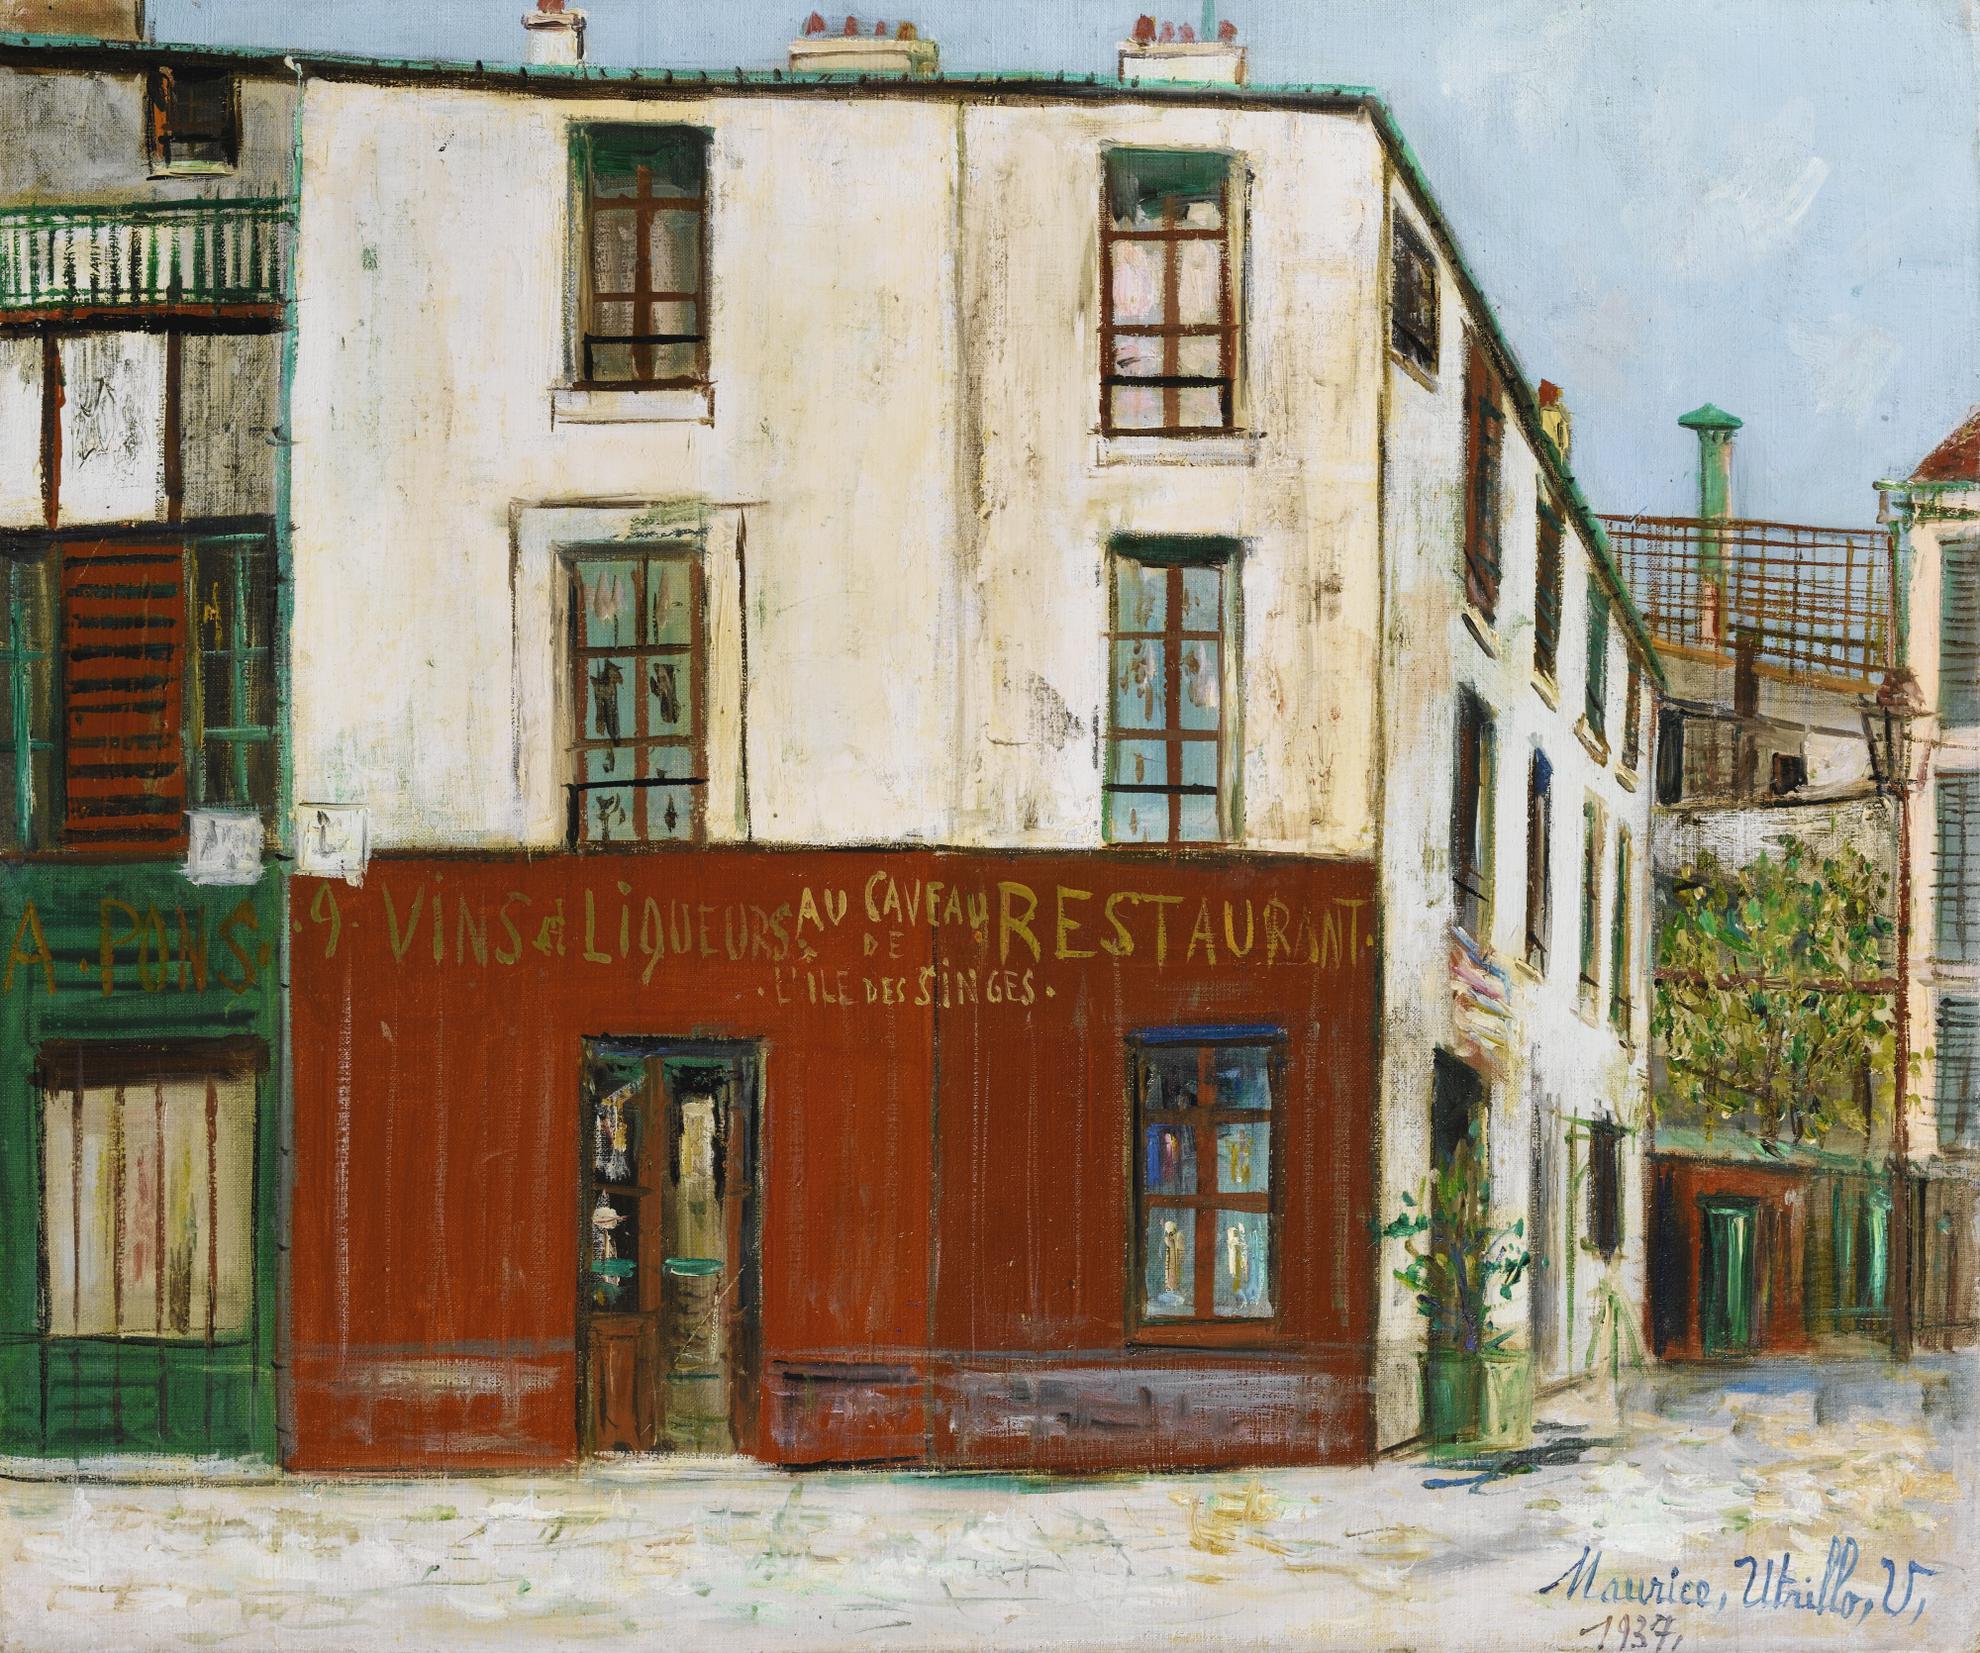 Maurice Utrillo-Au Caveau De Lile Des Singes, Les Gobelins, Paris-1937